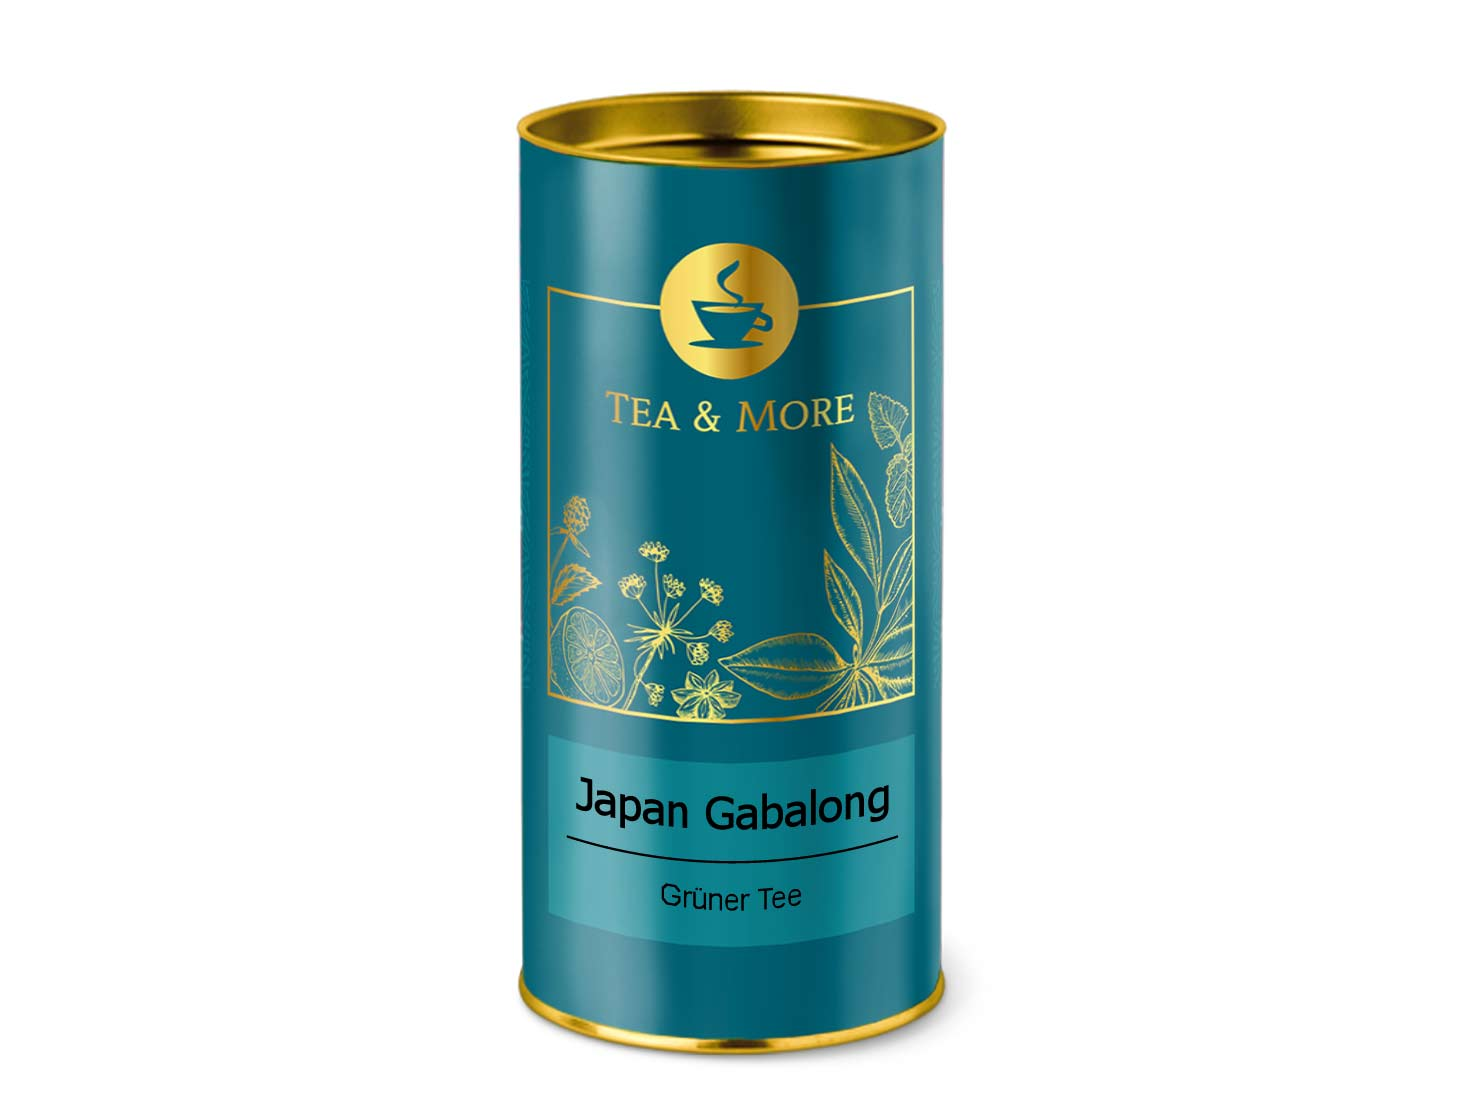 Japan Gabalong